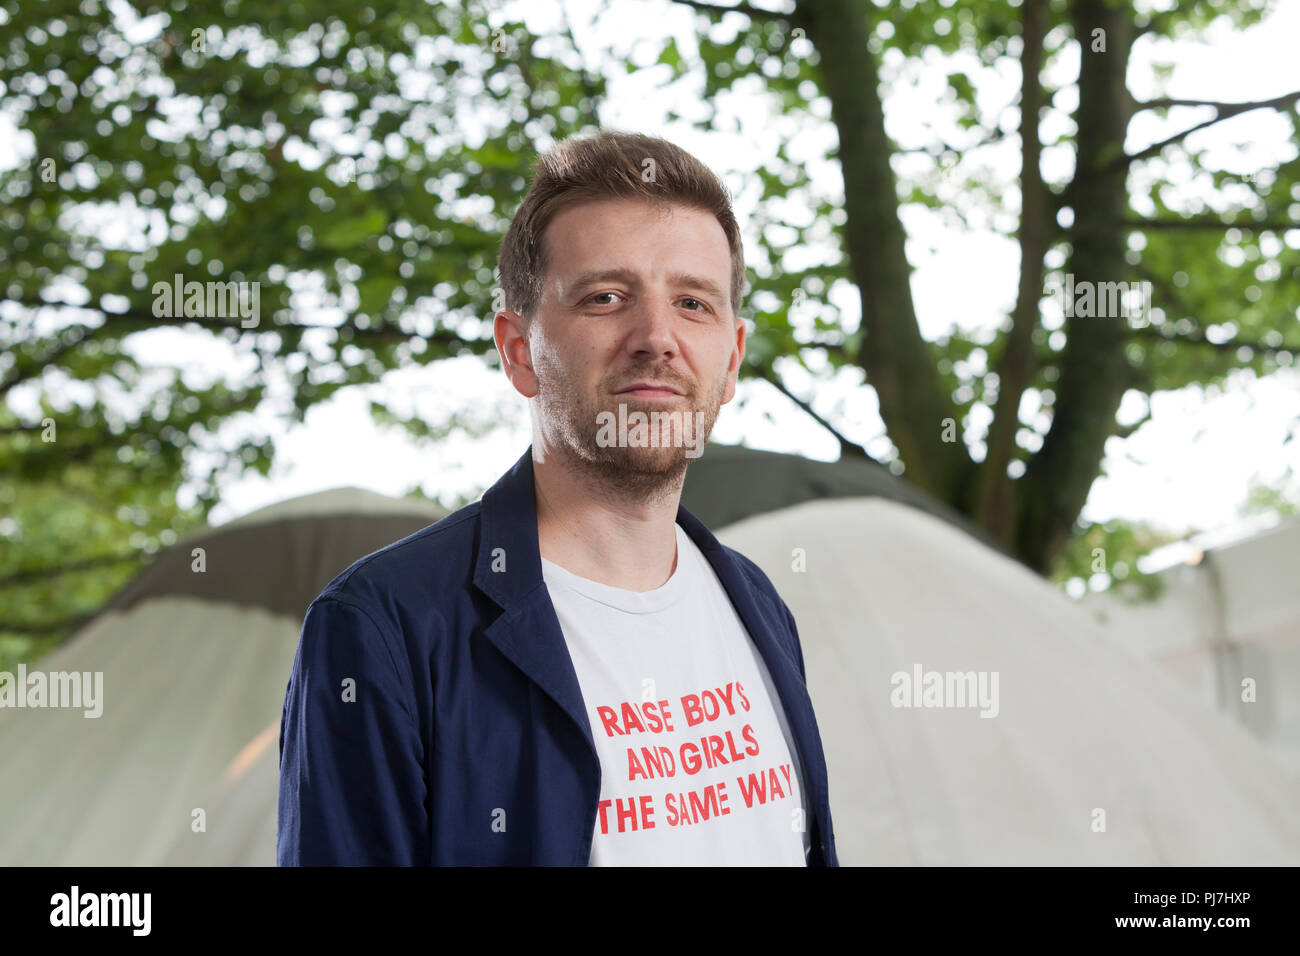 Edinburgh, Royaume-Uni. 14 août, 2018. Alex Barbe, l'ancien professeur et auteur de Natural Born Les apprenants, à l'Edinburgh International Book Festival. Edimbourg, Ecosse. Photo par Gary Doak / Alamy Live News Banque D'Images